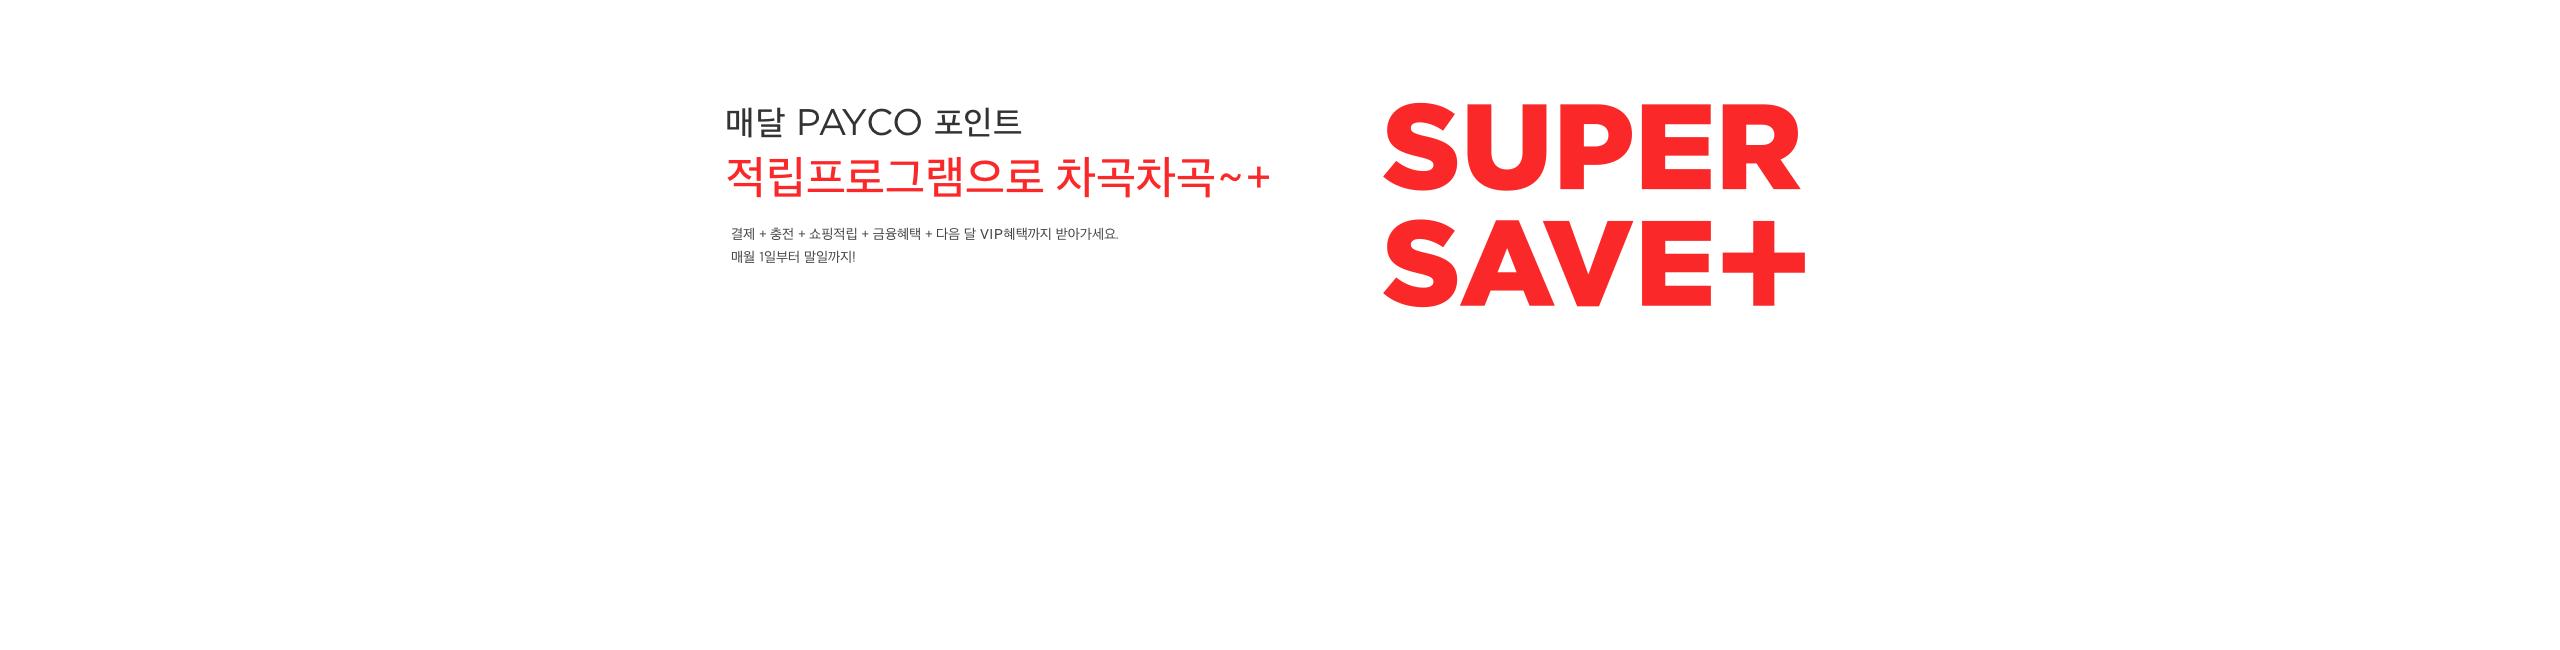 1월 SUPER SAVE+